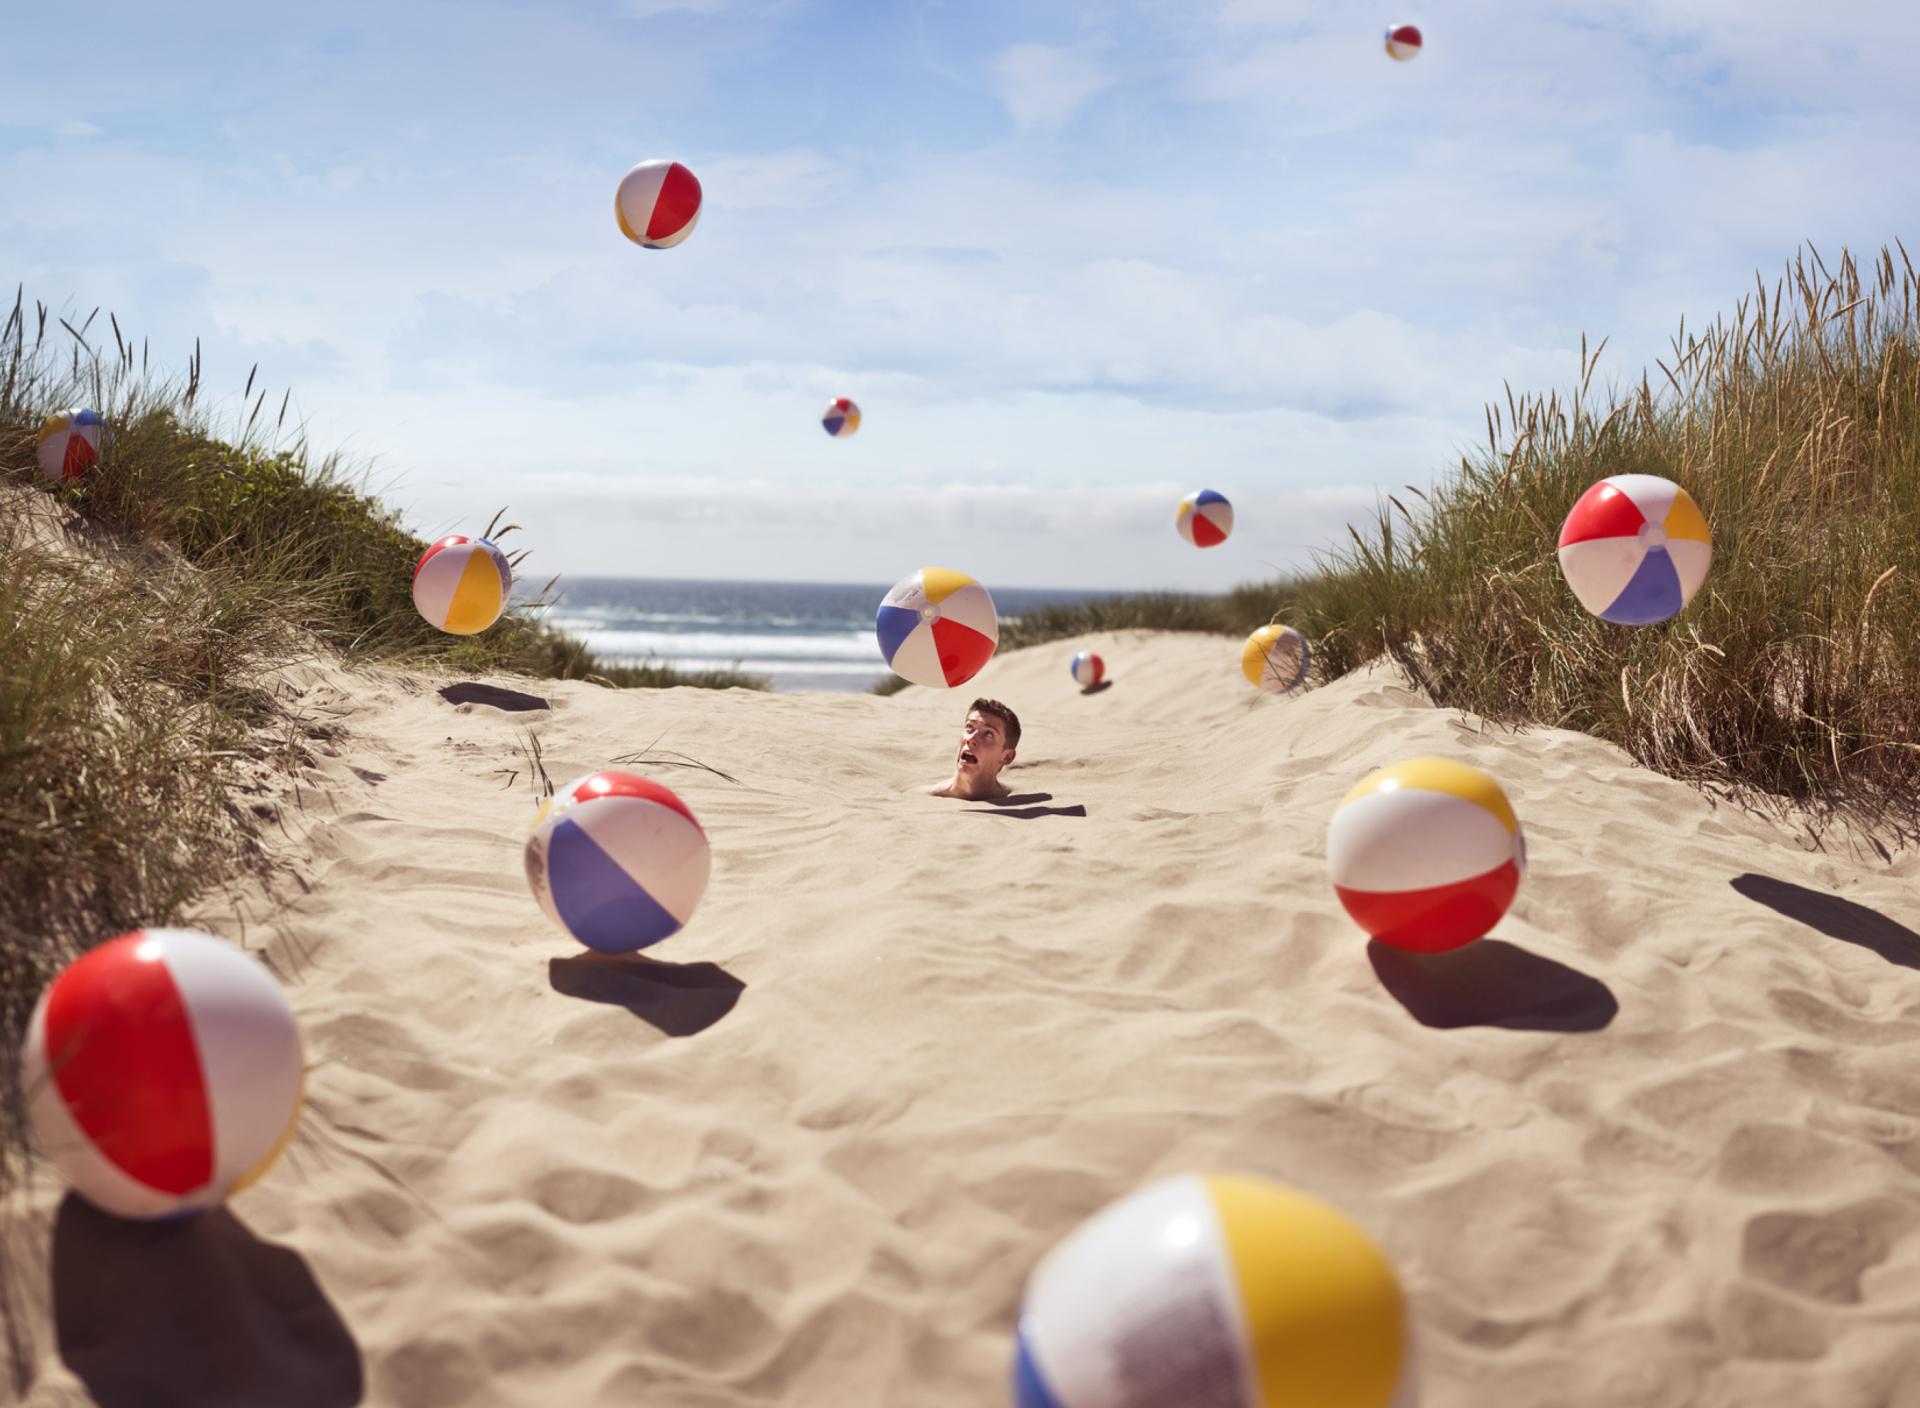 картинка отпуск с шариками рейтинге